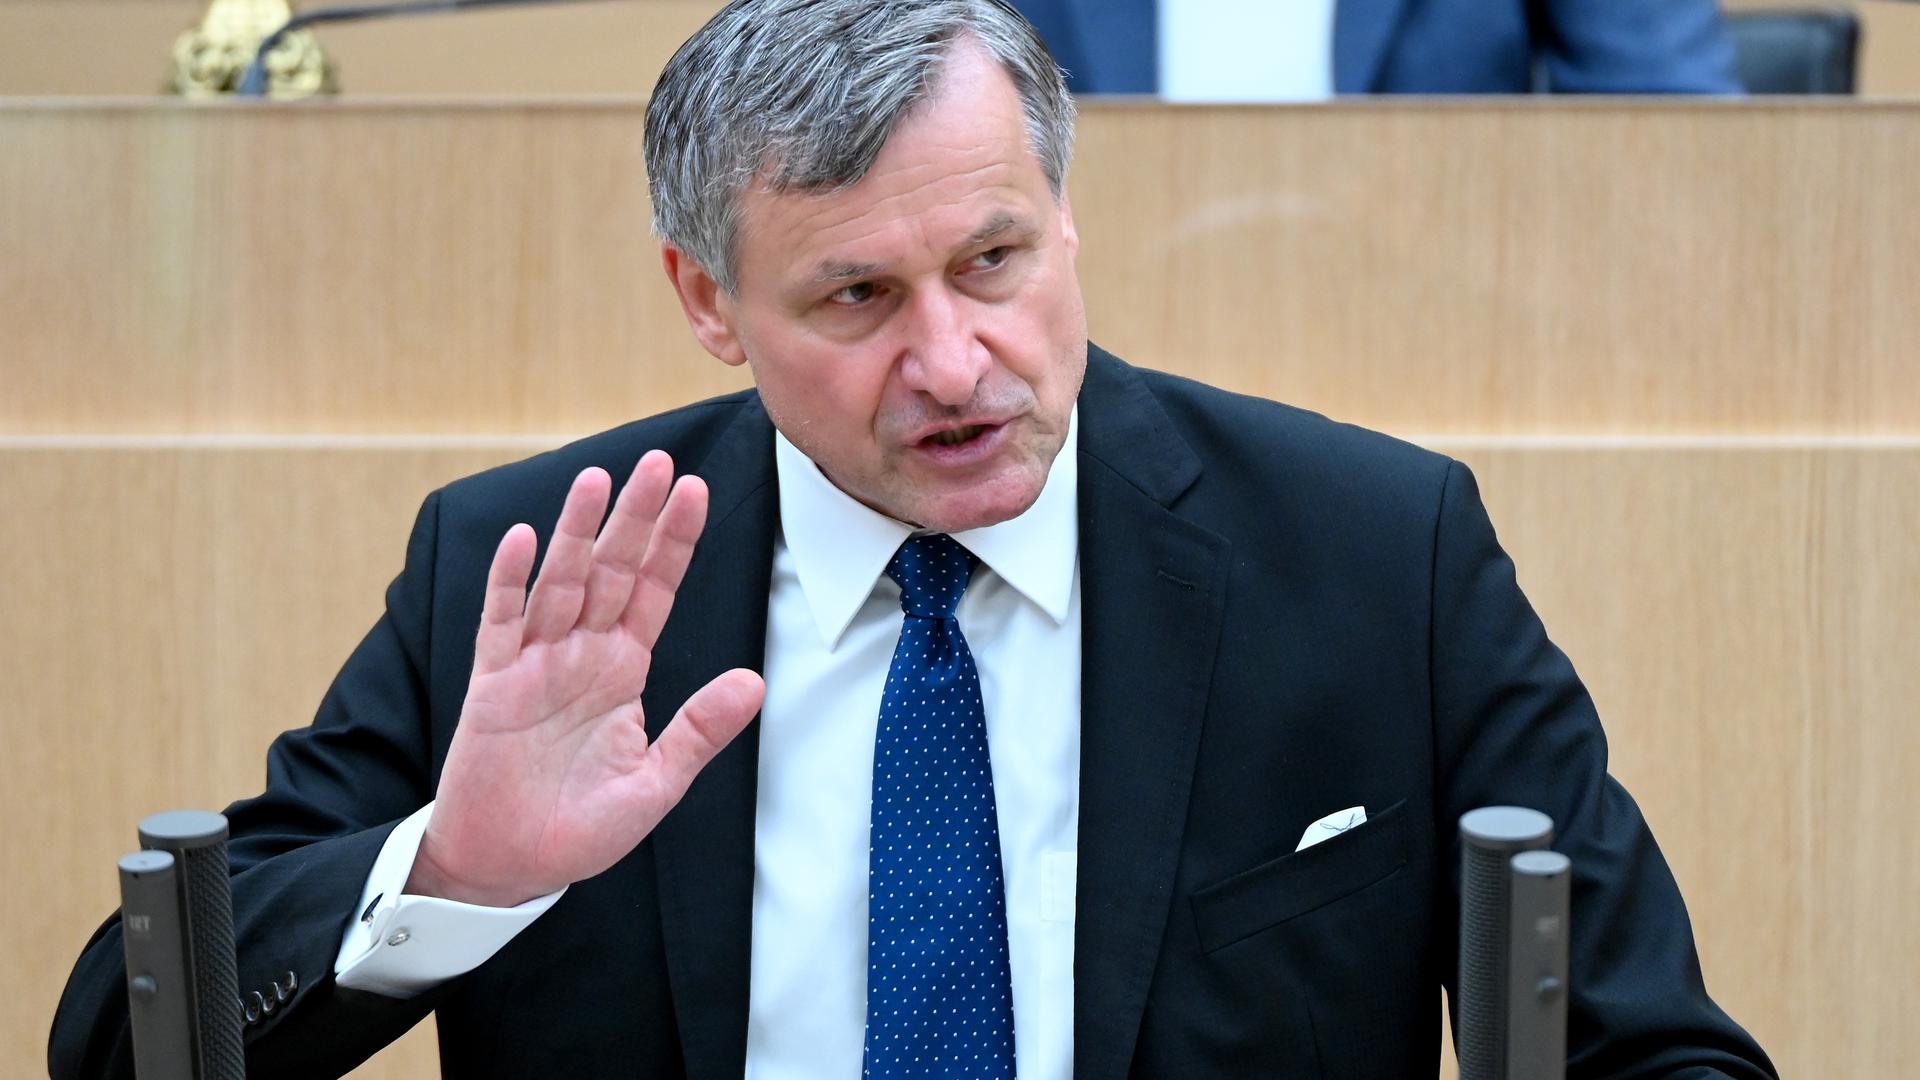 Hans-Ulrich Rülke, FDP-Fraktionsvorsitzender im Landtag von Baden-Württemberg spricht bei einer Landtagssitzung, bei einer Debatte zu Rekordverschuldung, Rekordzahl von Staatssekretären und neuen Stellen in den Ministerien.